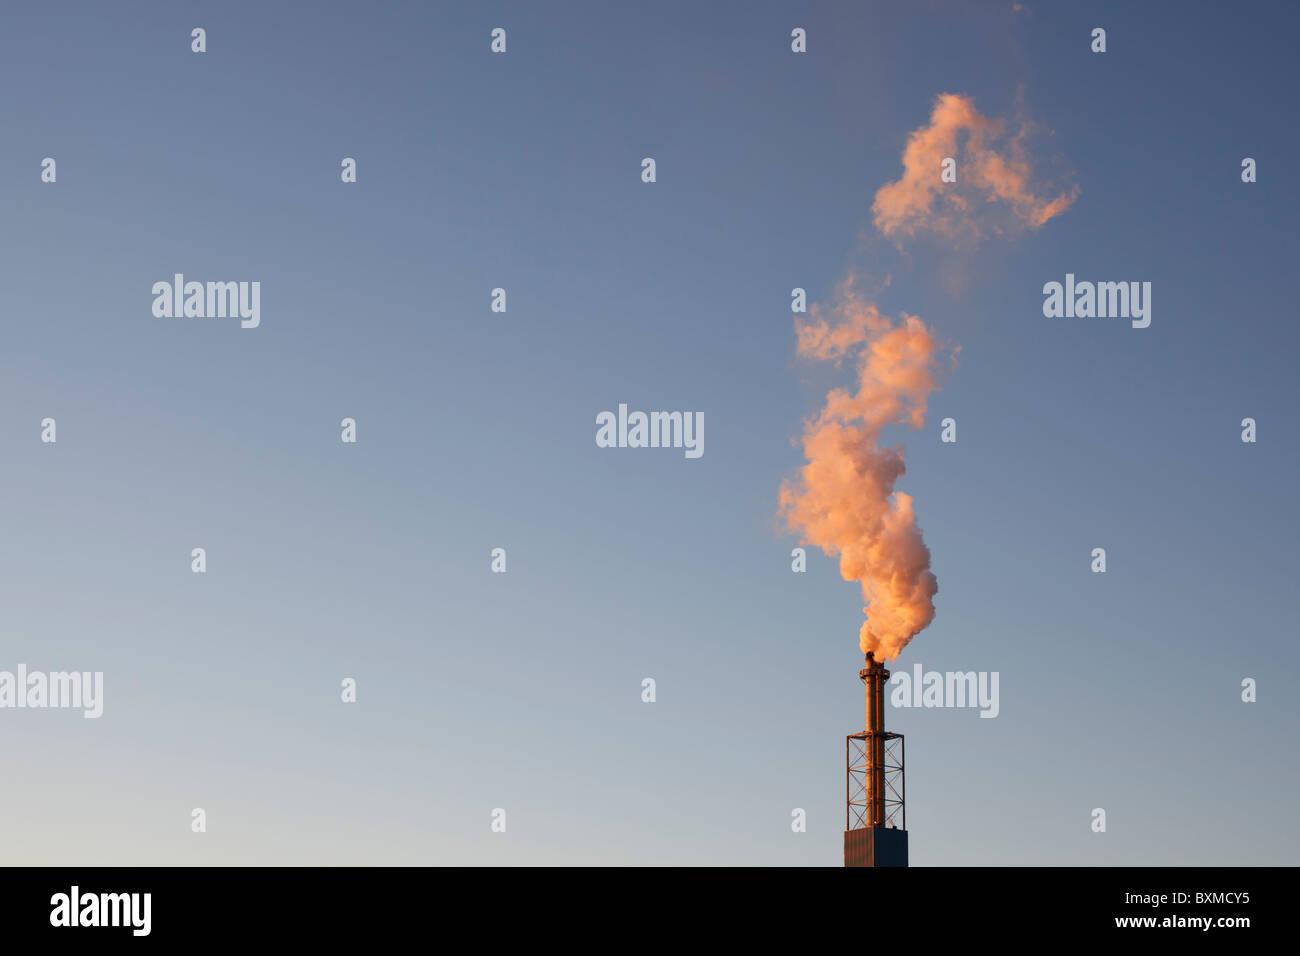 Verunreinigung der Luft durch eine industrielle Schornstein. Stockbild